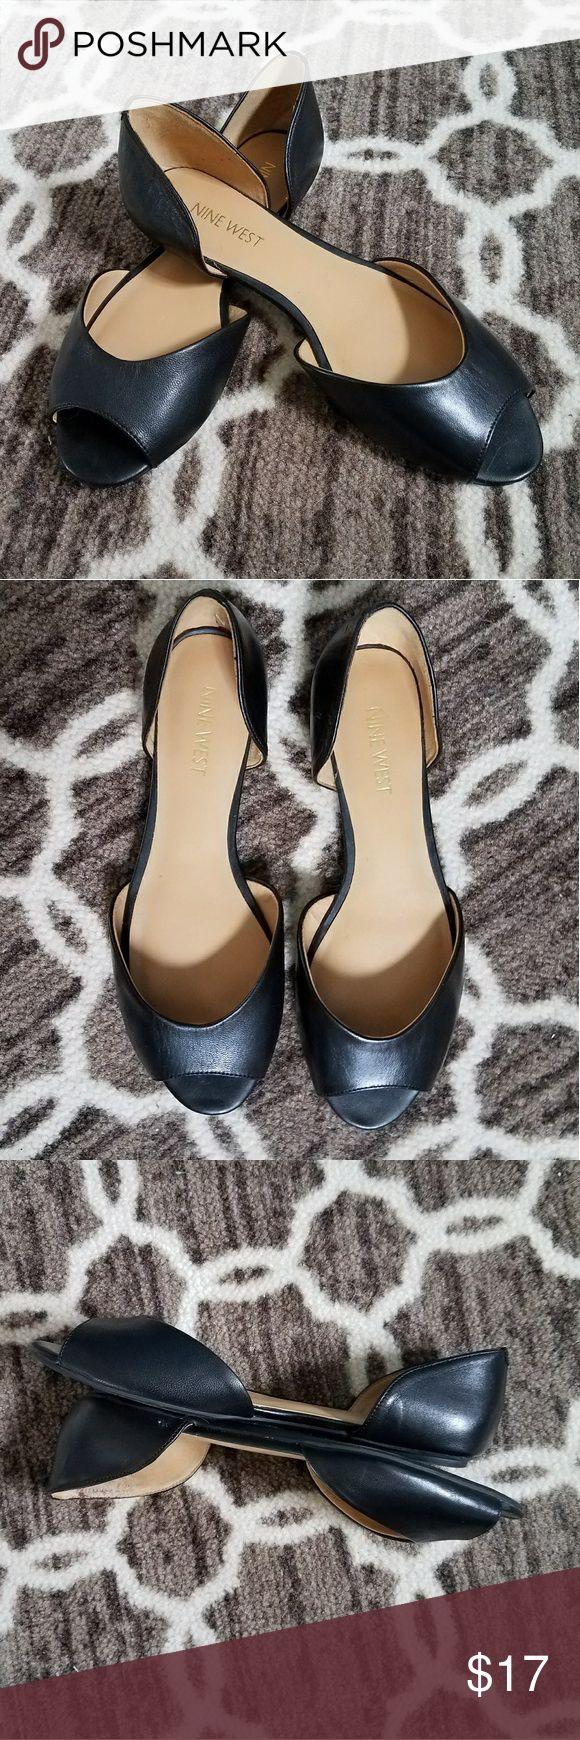 NWOT, Black peep toe flats Black peep toe flats, NWOT, Nine West Shoes Flats & Loafers